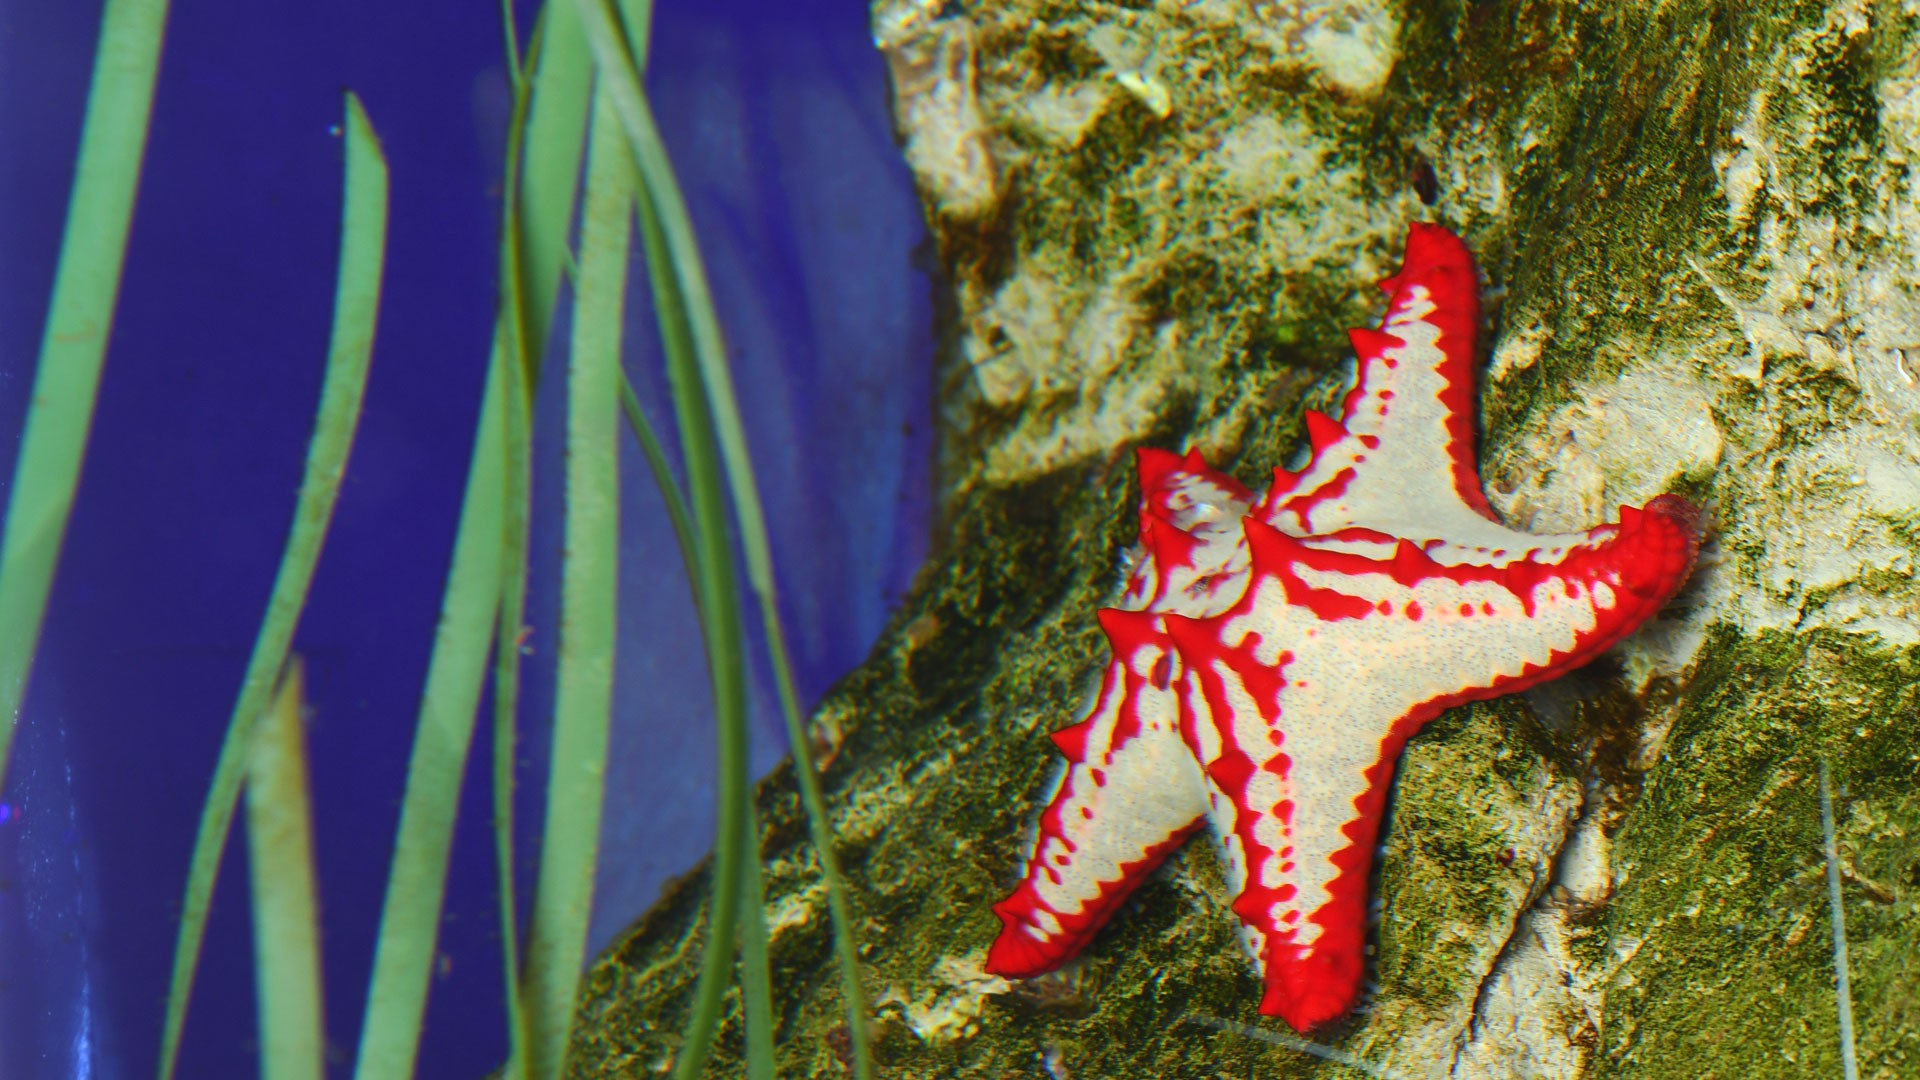 Estrella de Mar de Espinas Rojas